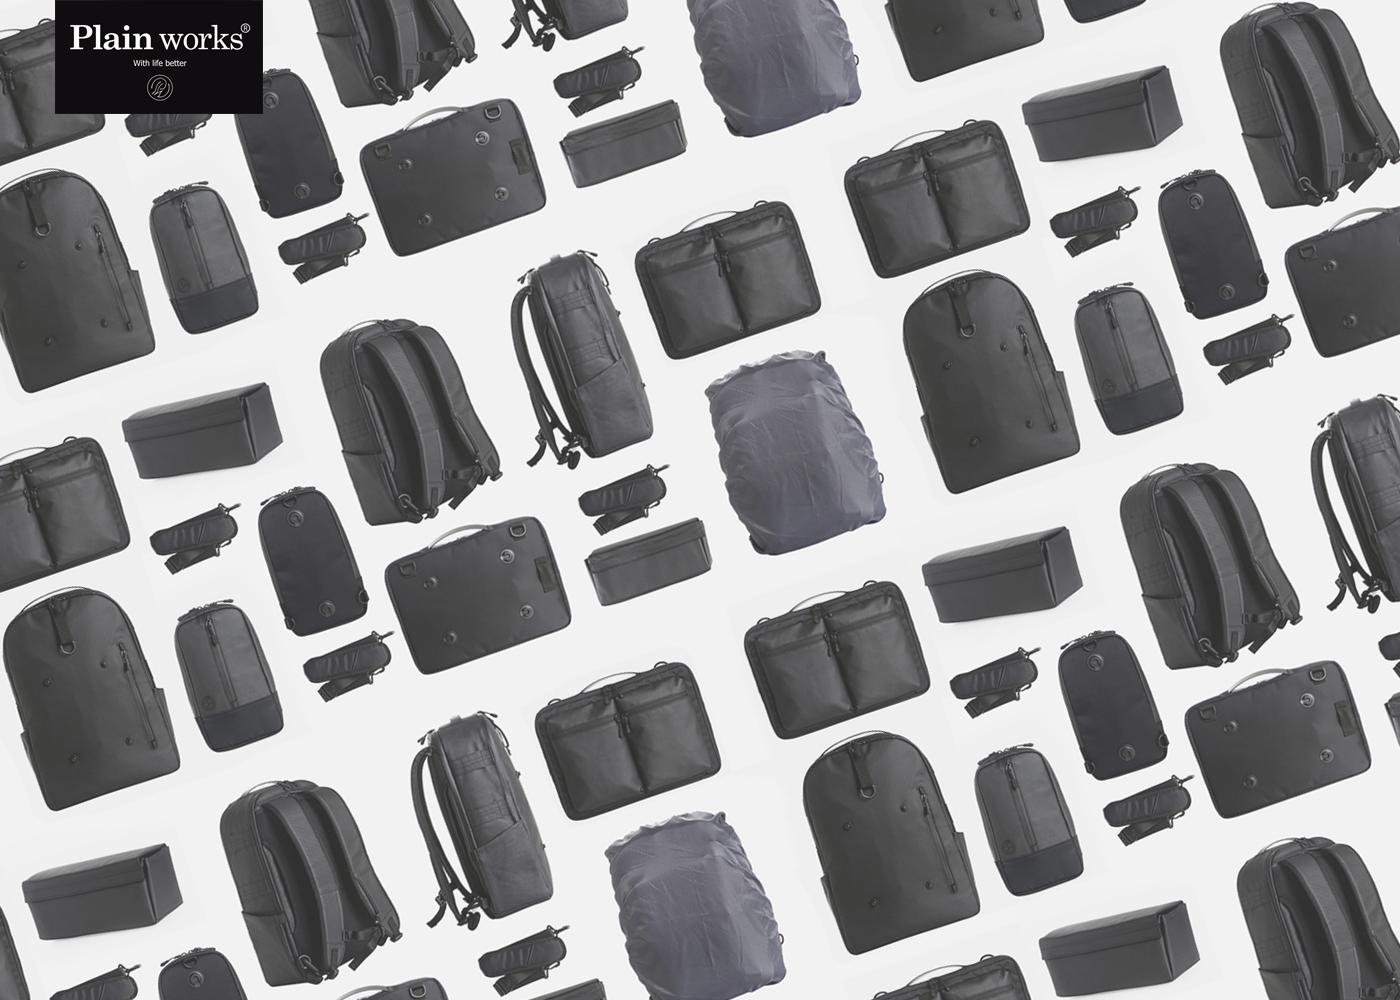 테크니컬 가방 전문 브랜드 플레인웍스 입니다.